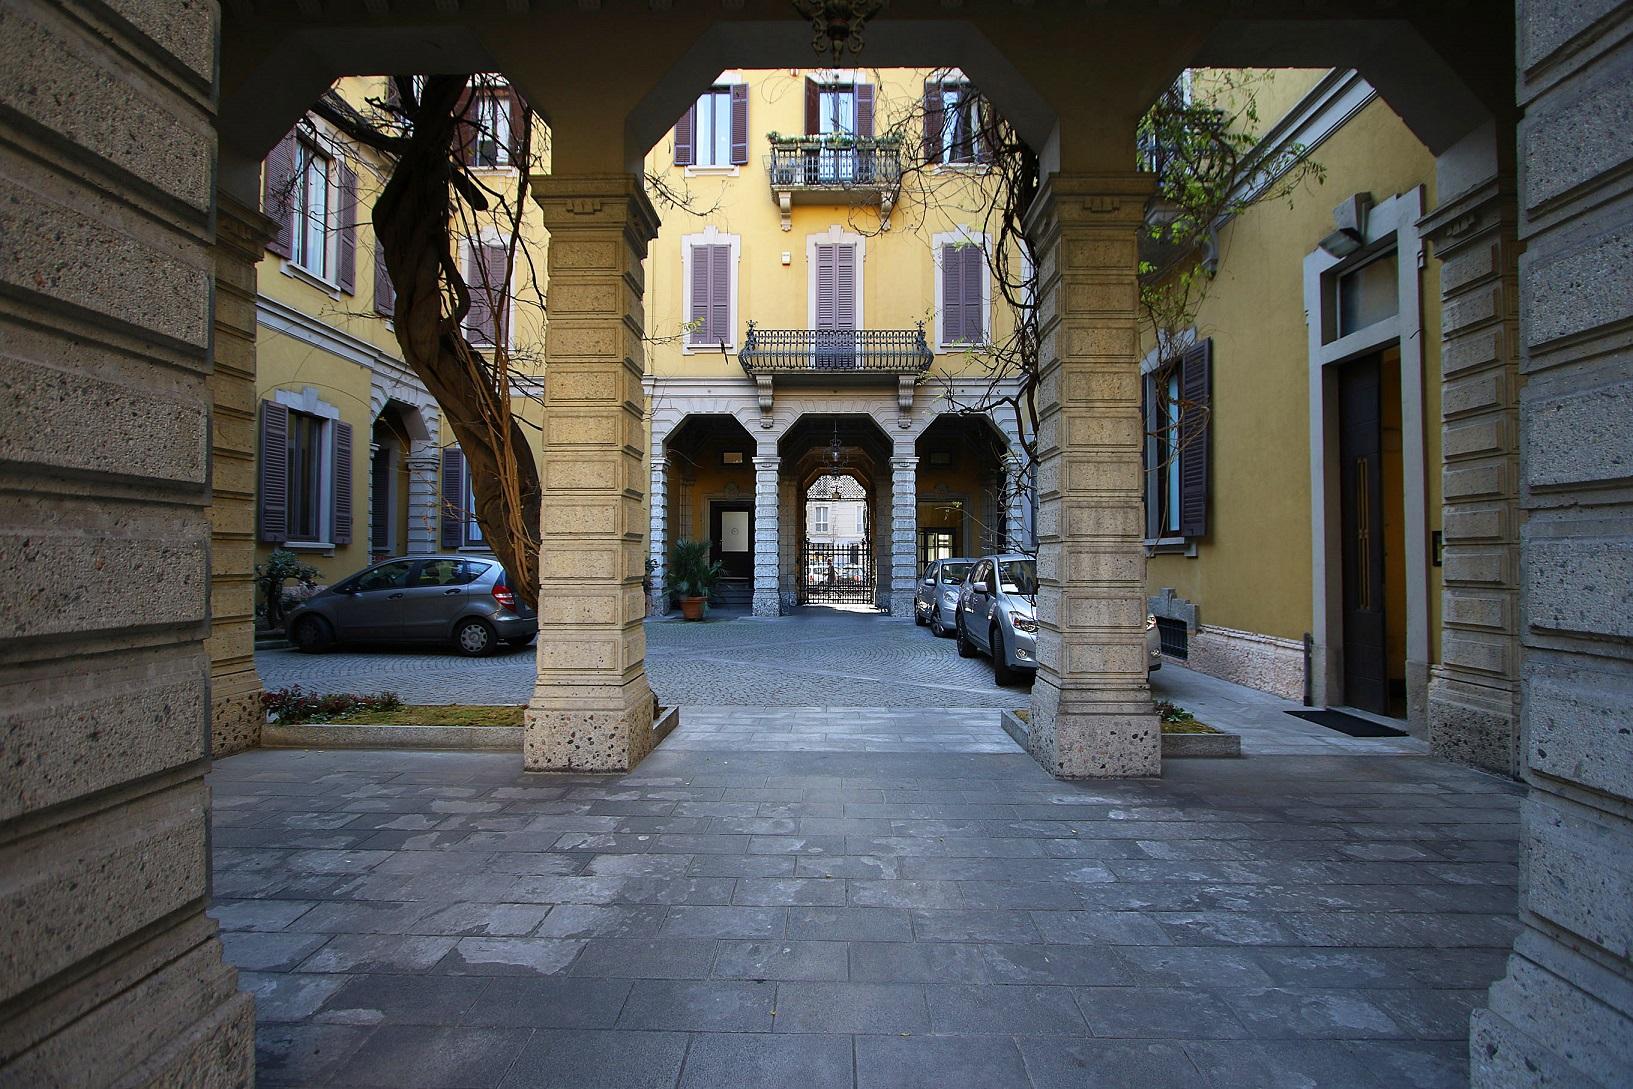 (Italiano) Bilocale arredato in un bellissimo ed incantevole palazzo storico, Corso Concordia